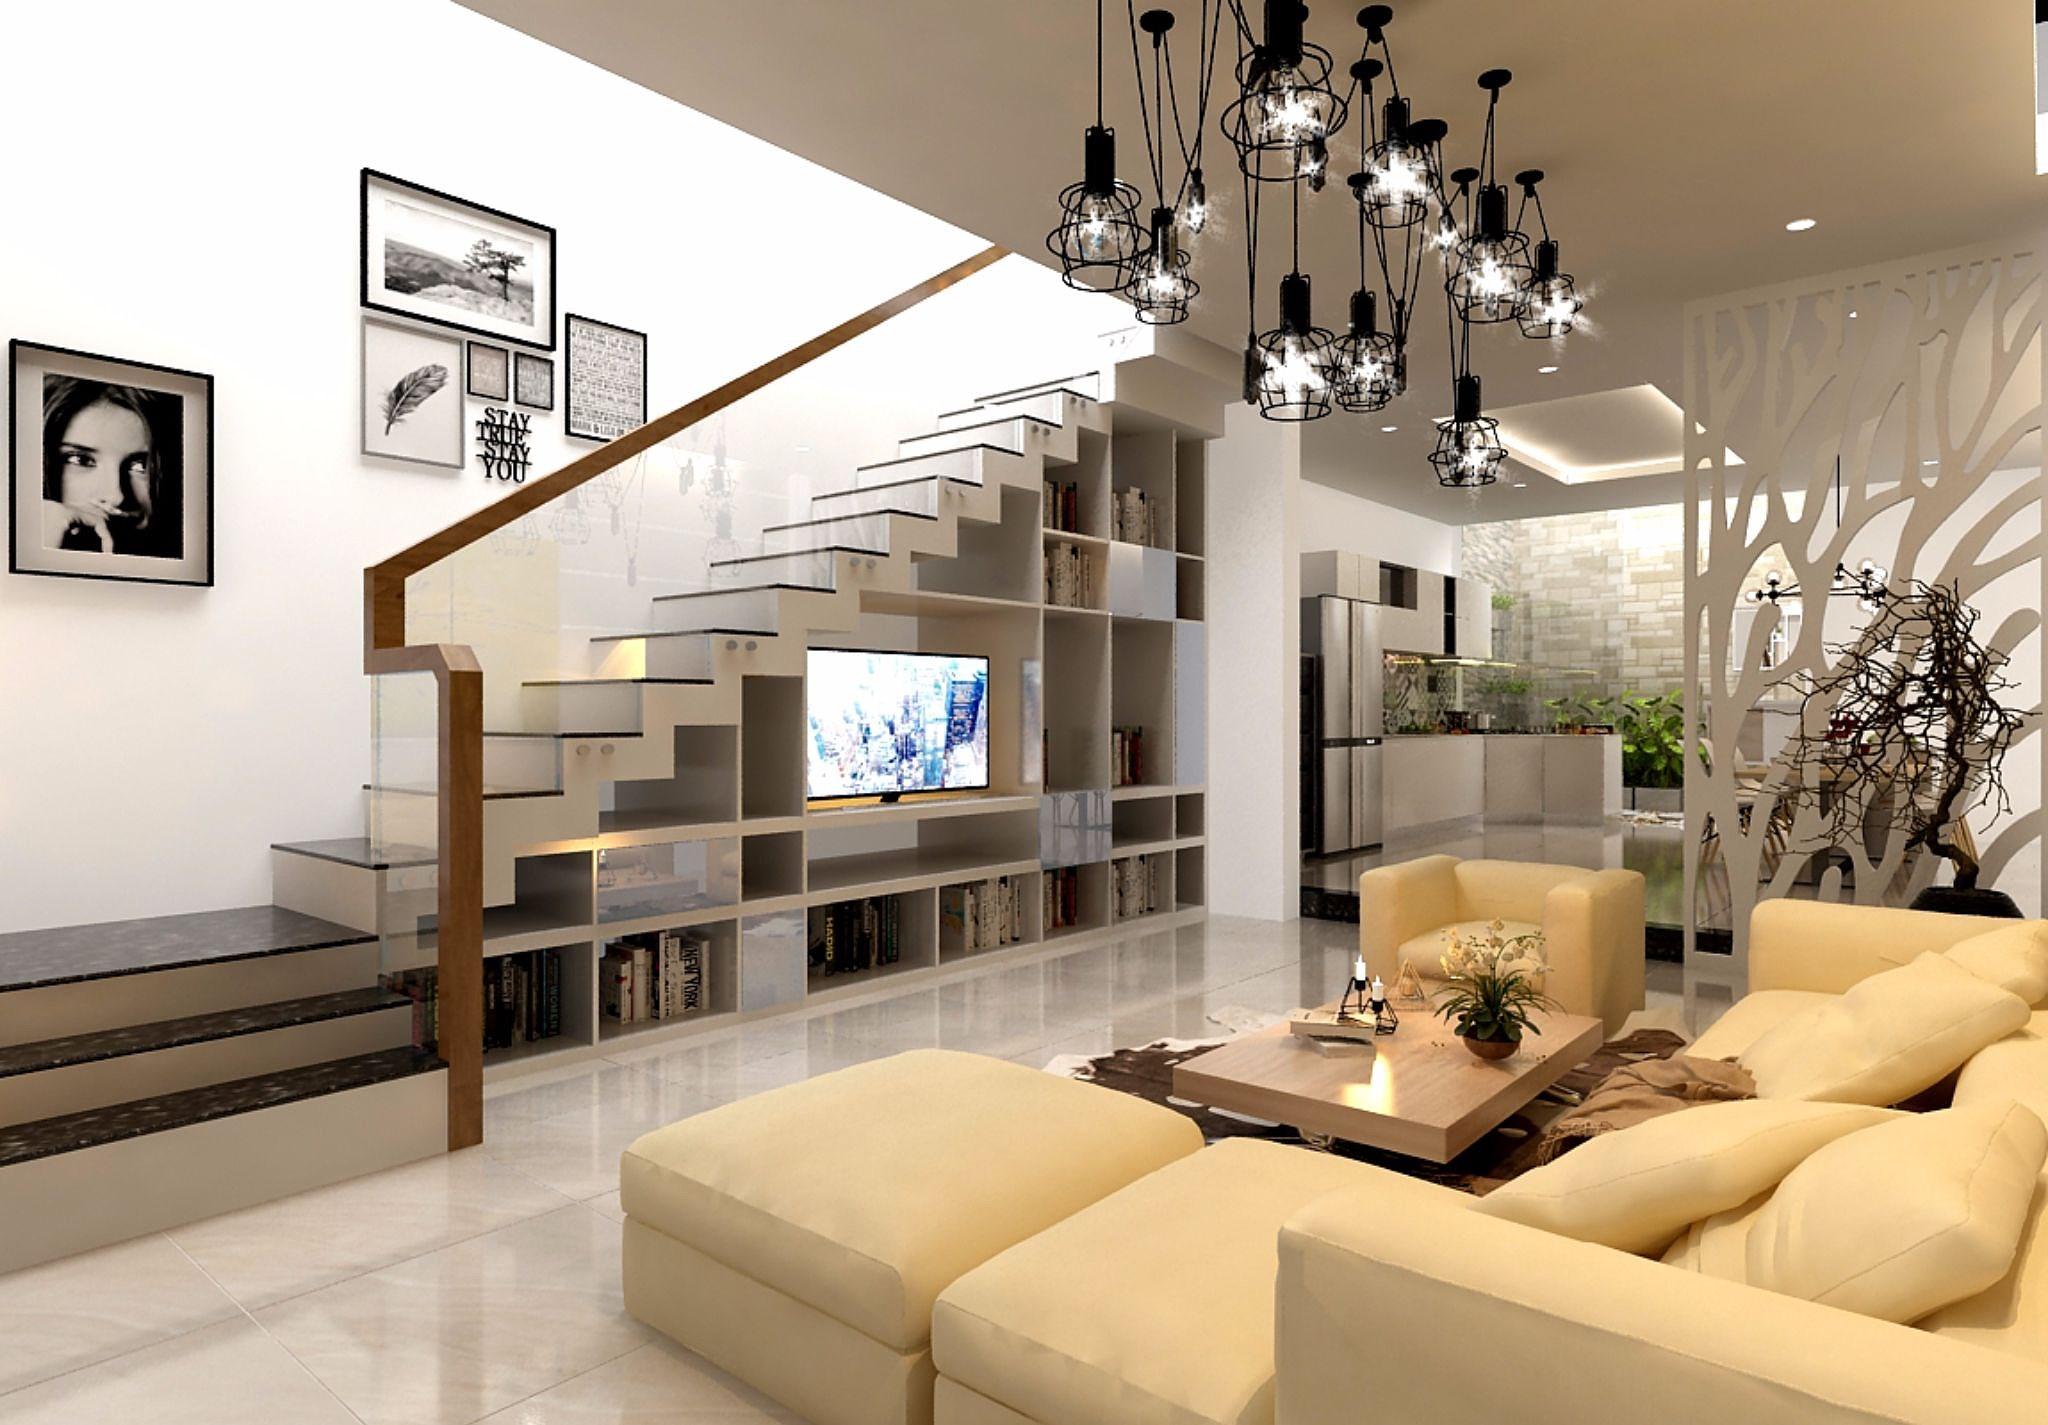 Cầu thang chính là điểm nối giữa các tầng không gian trong ngôi nhà, thế nên khâu thiết kế cần được chú trọng hơn cả